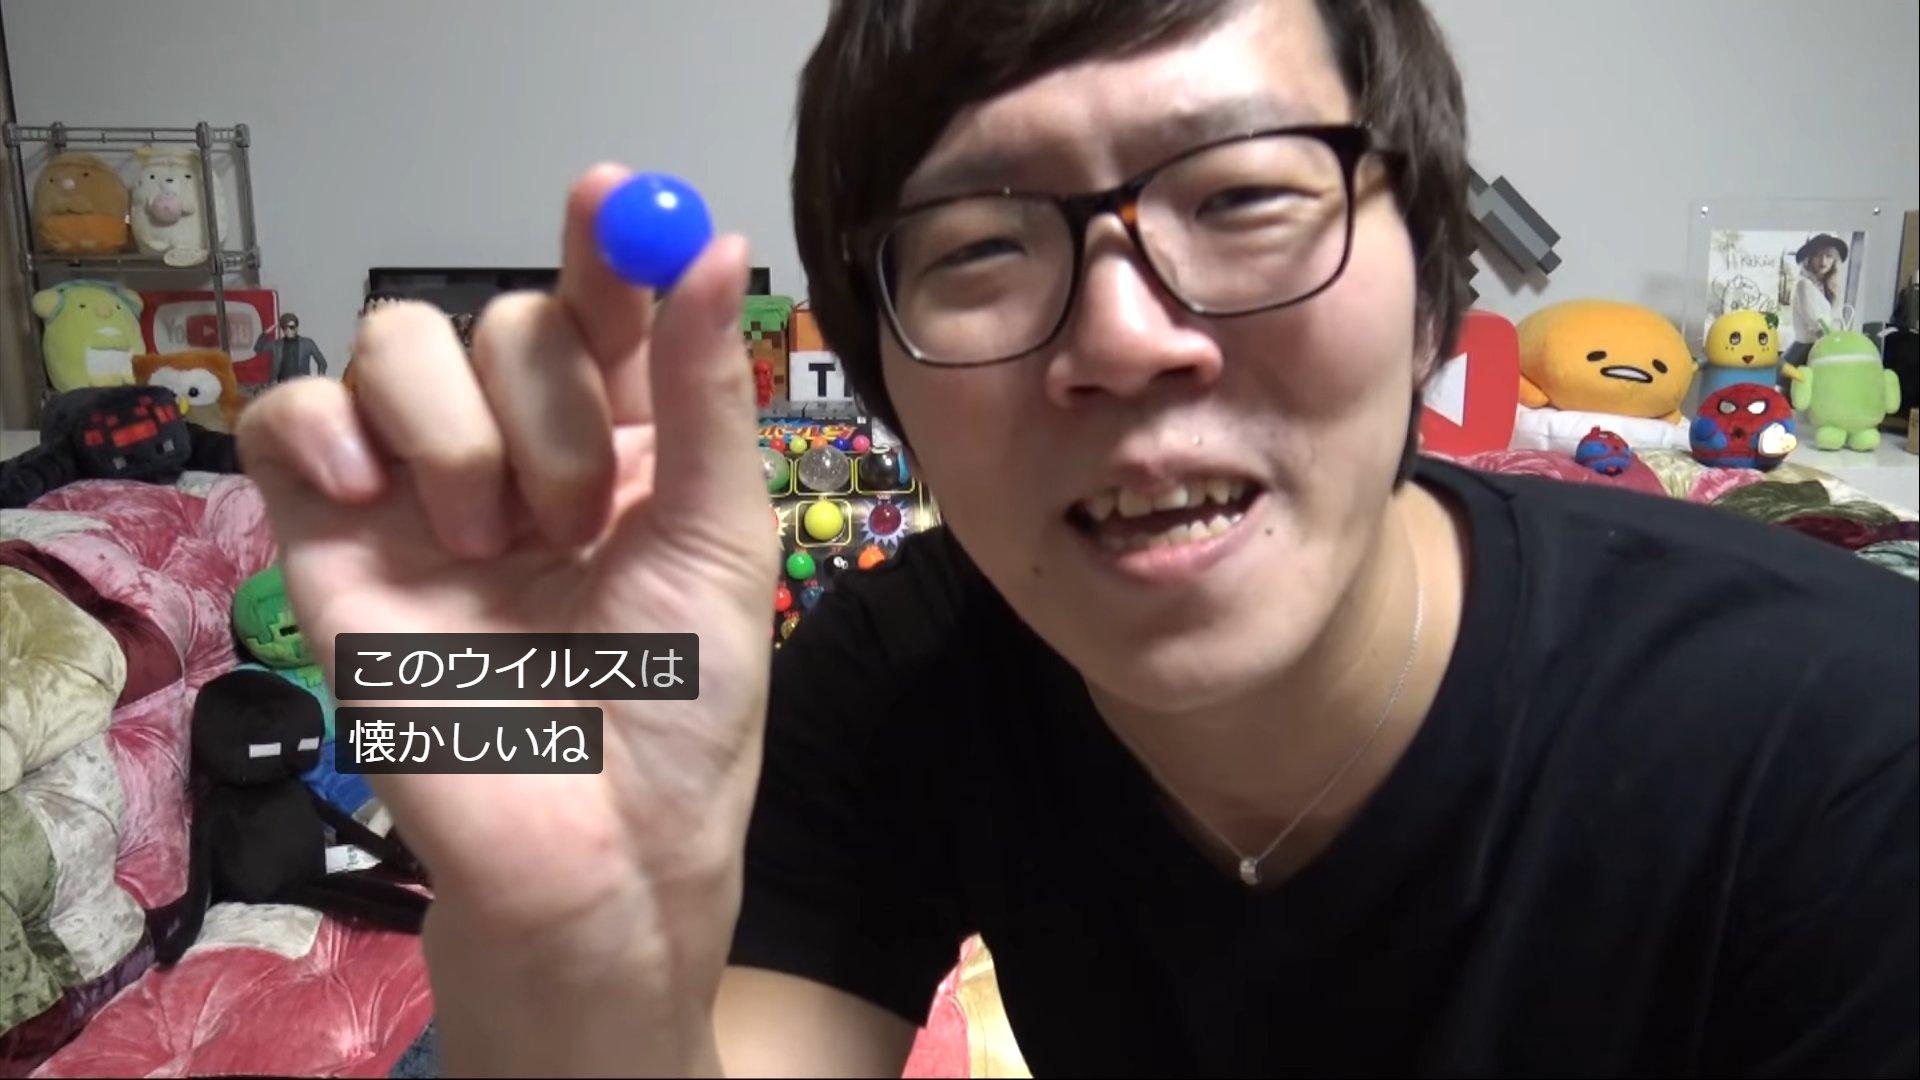 【速報】HIKAKINさん、斎藤さんでとんでもない説を検証(画像あり)